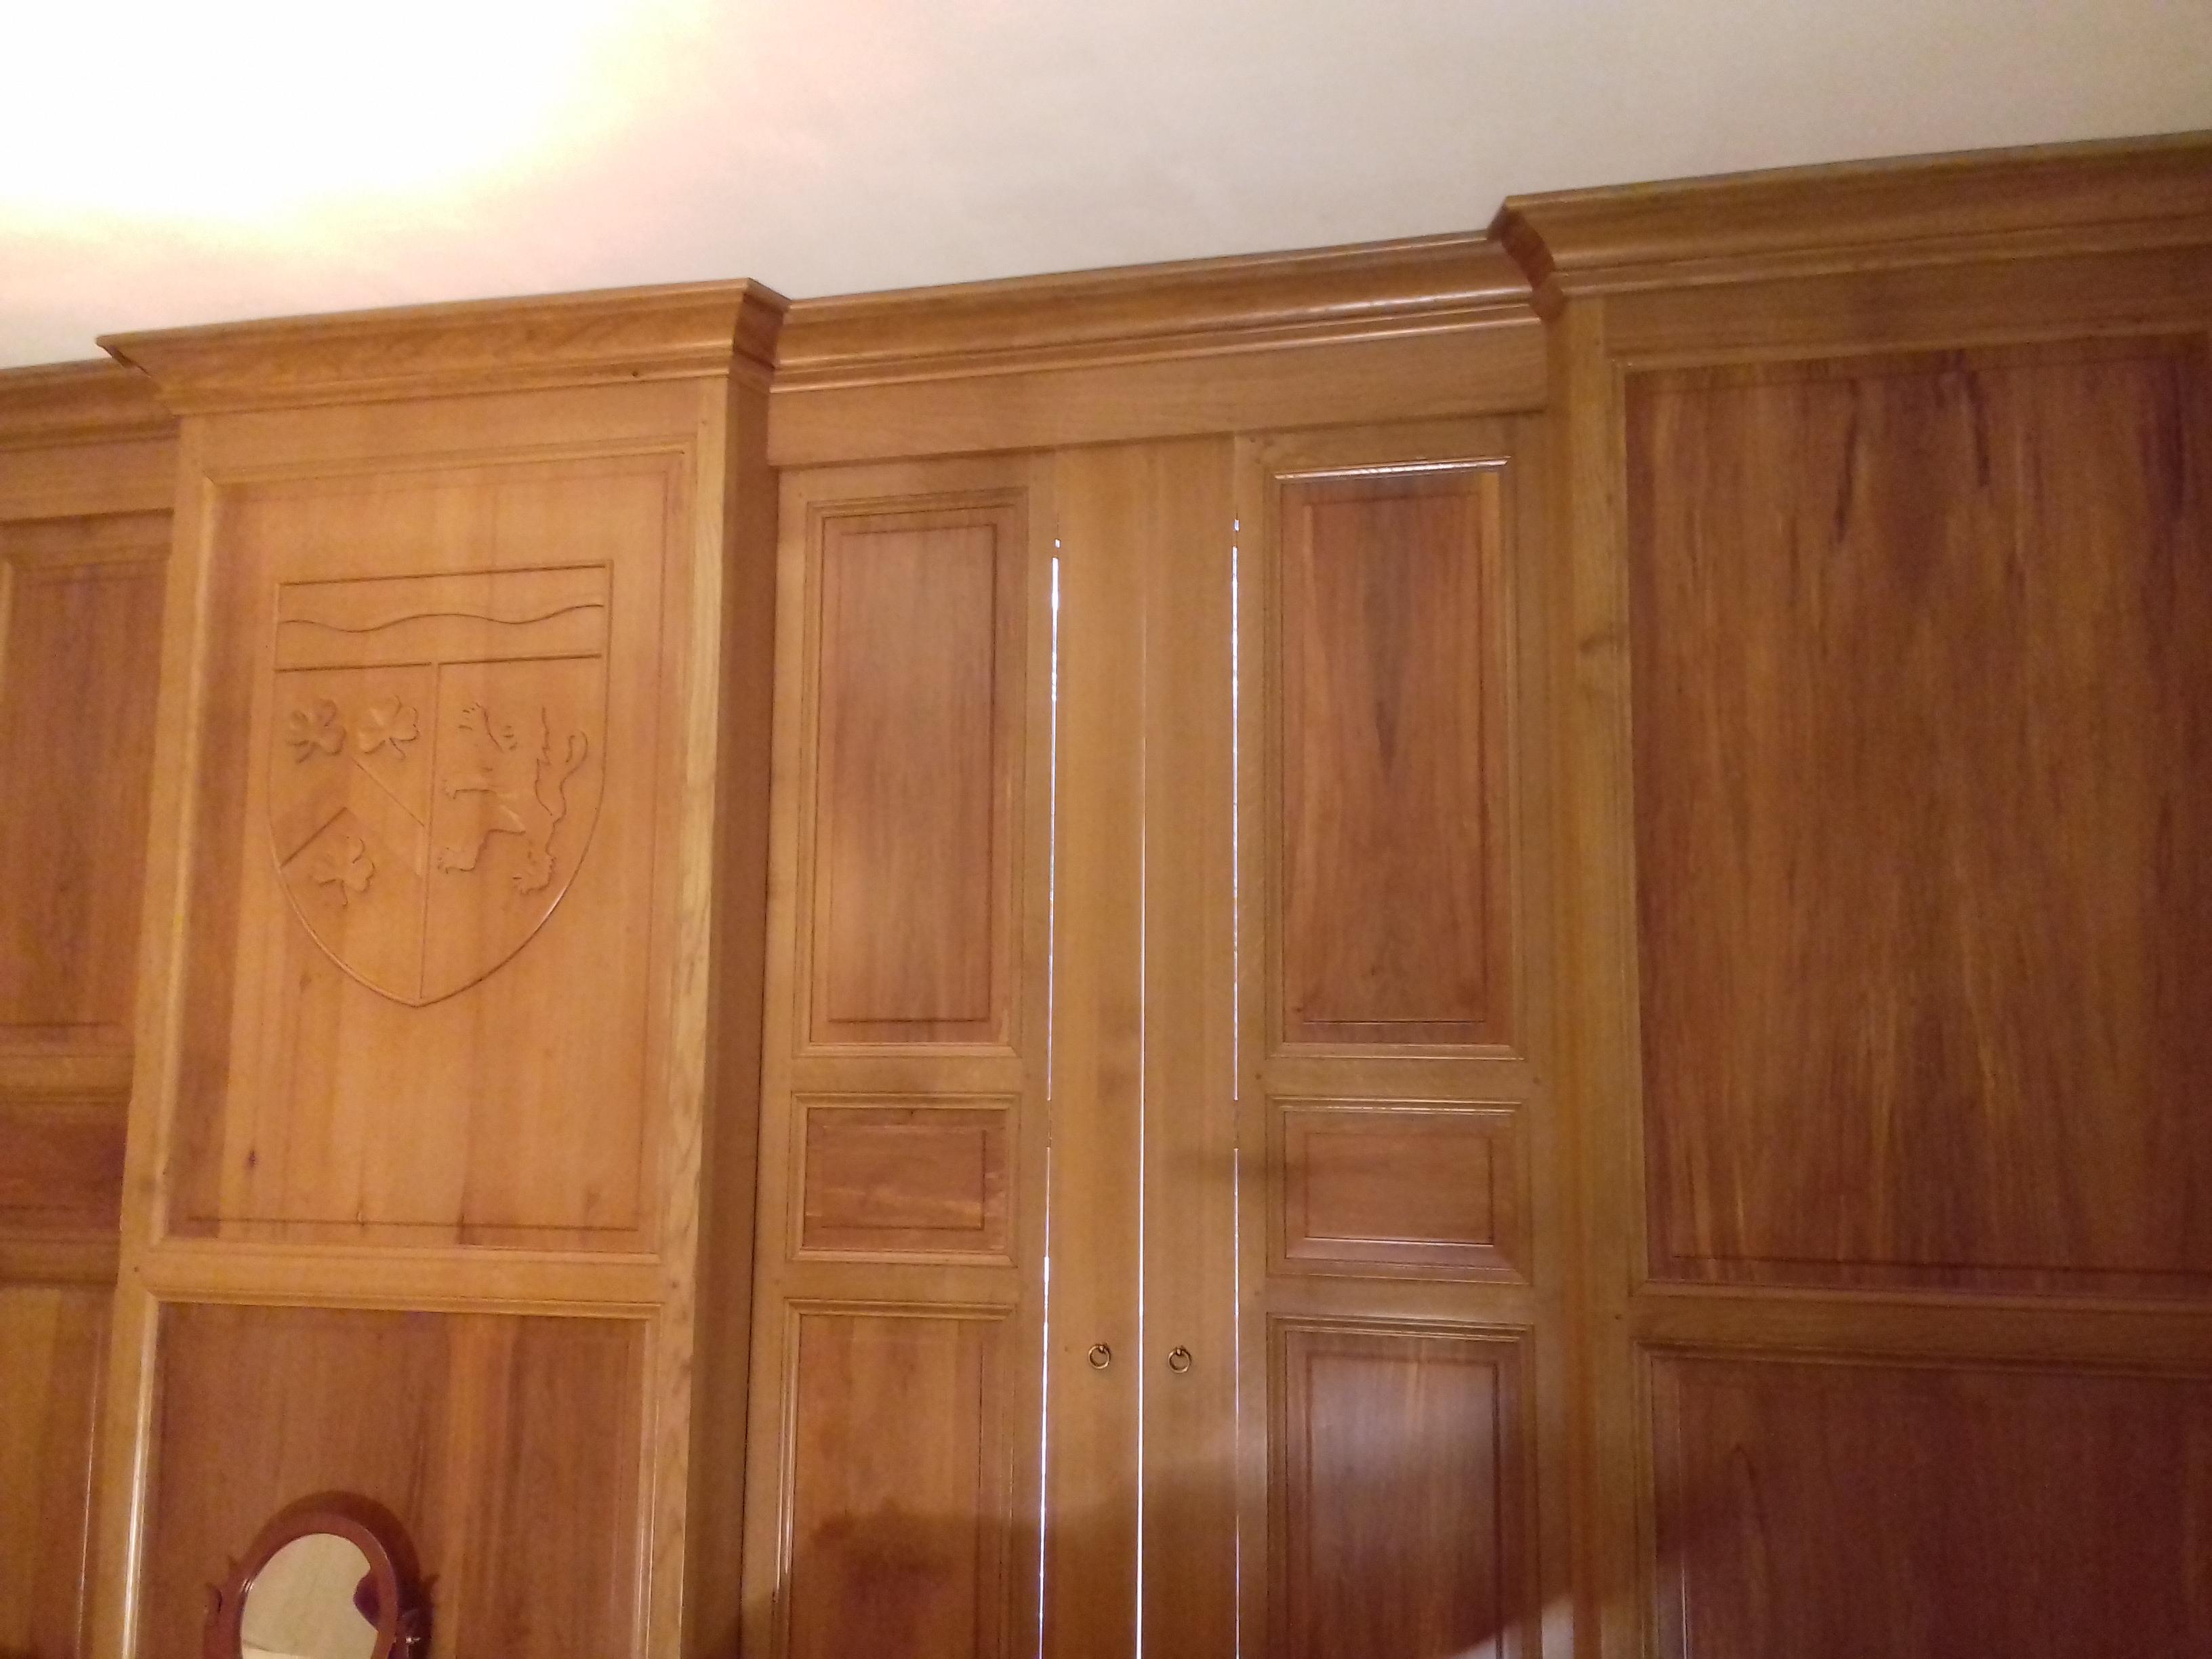 Ebéniste, Forgeot, meuble dressing bois à Troyes dans l'Aube